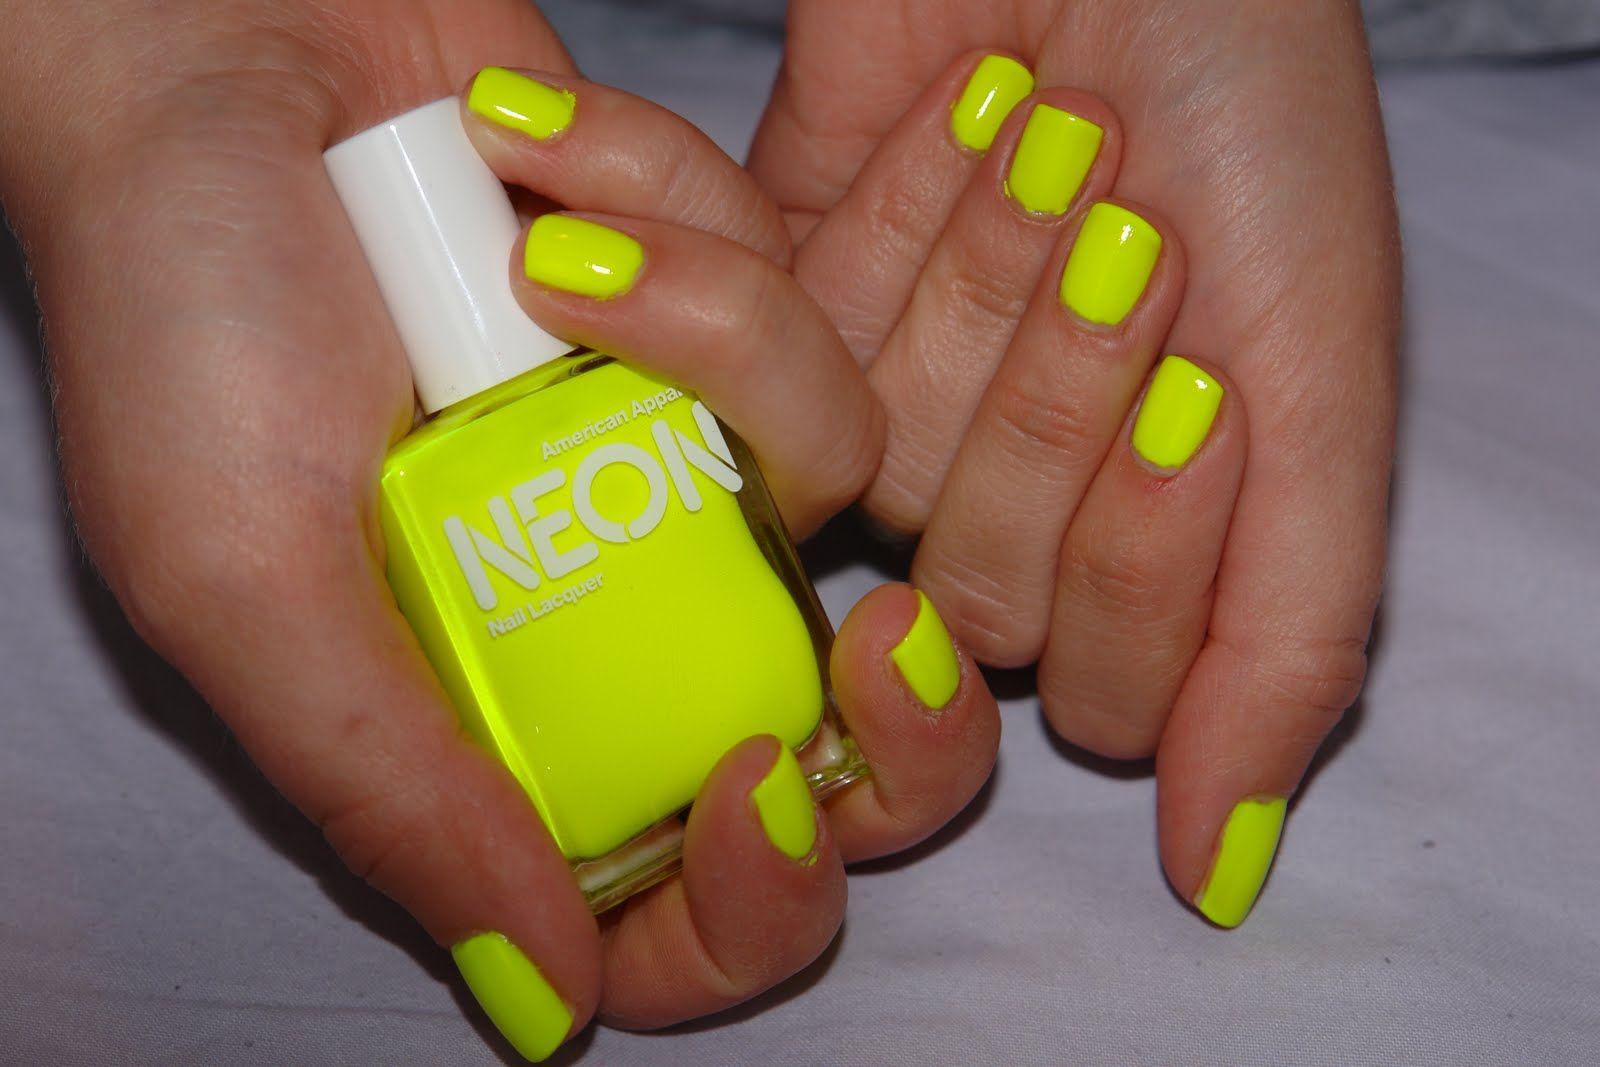 Yellow Nail Polish Designs | yellow tipped nail art designs creation ...